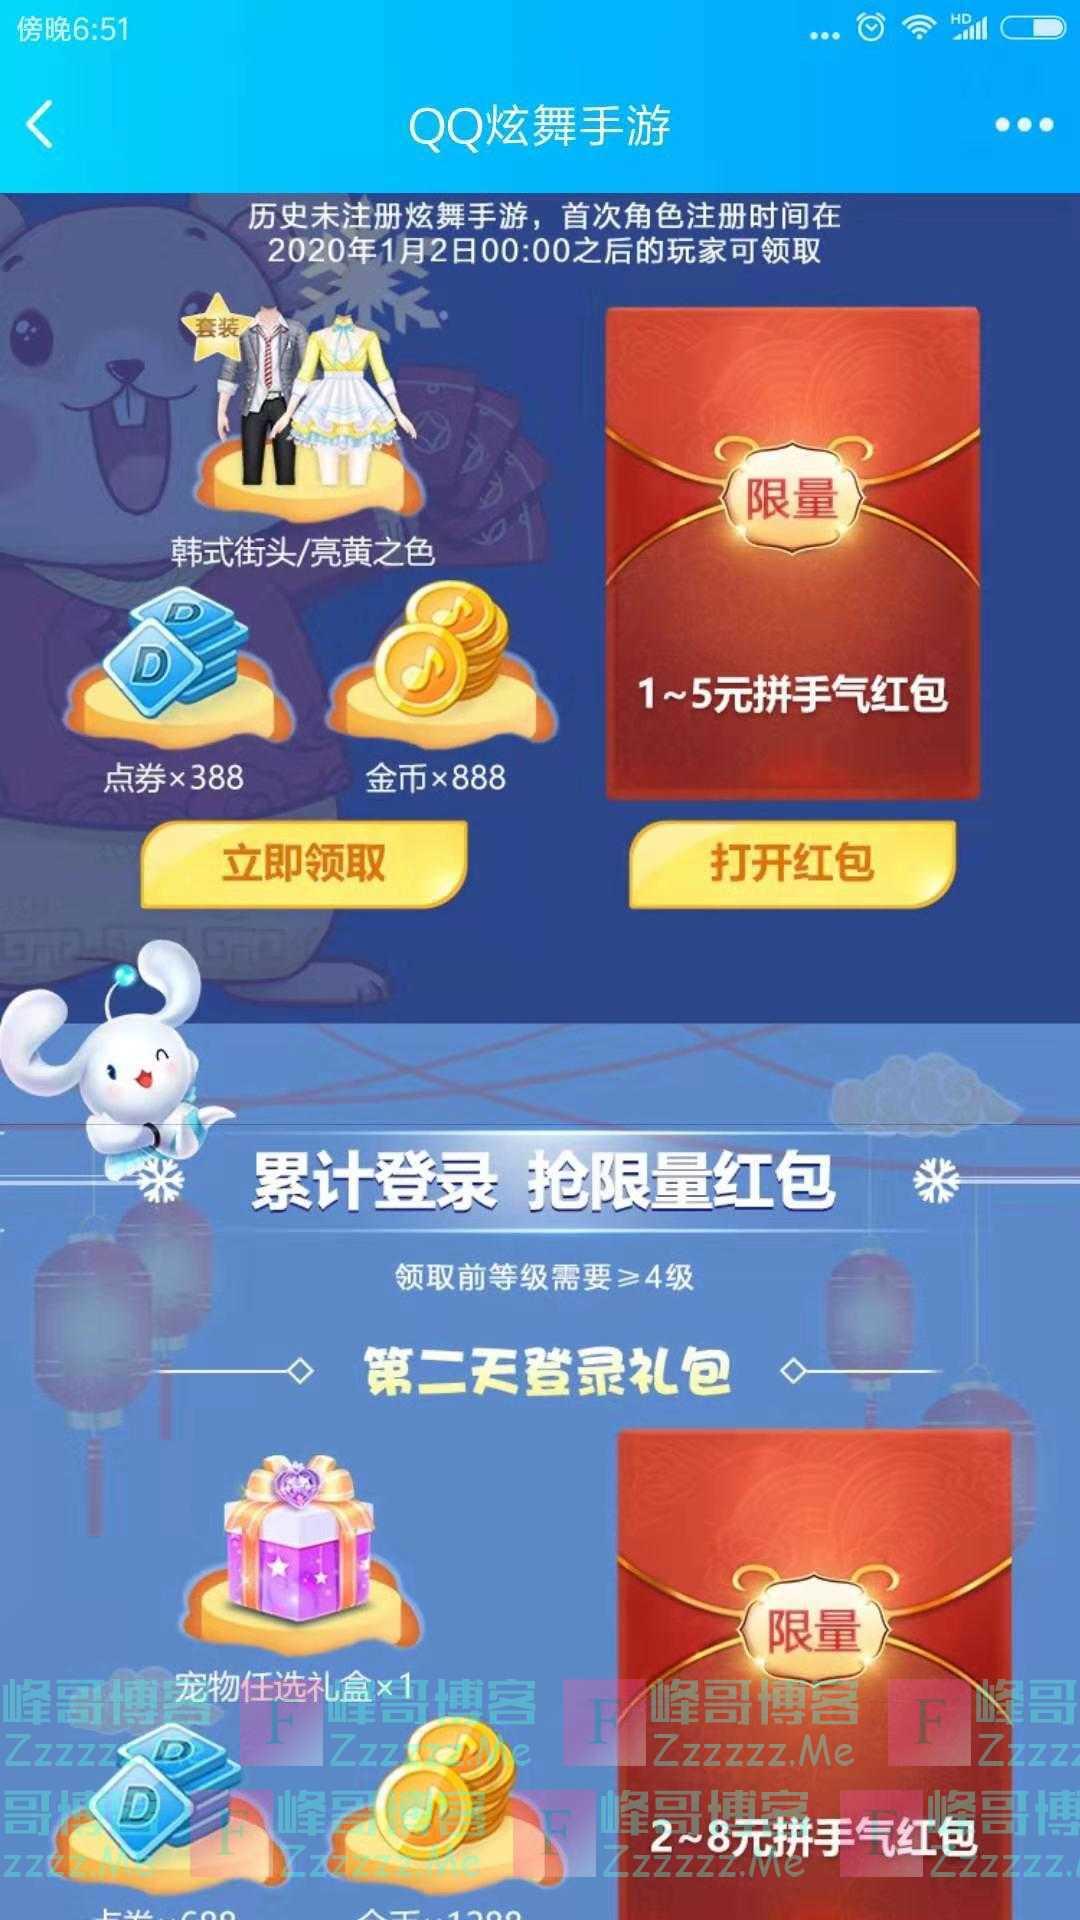 QQ炫舞手游注册免费领取1-5元现金红包(截止不详)